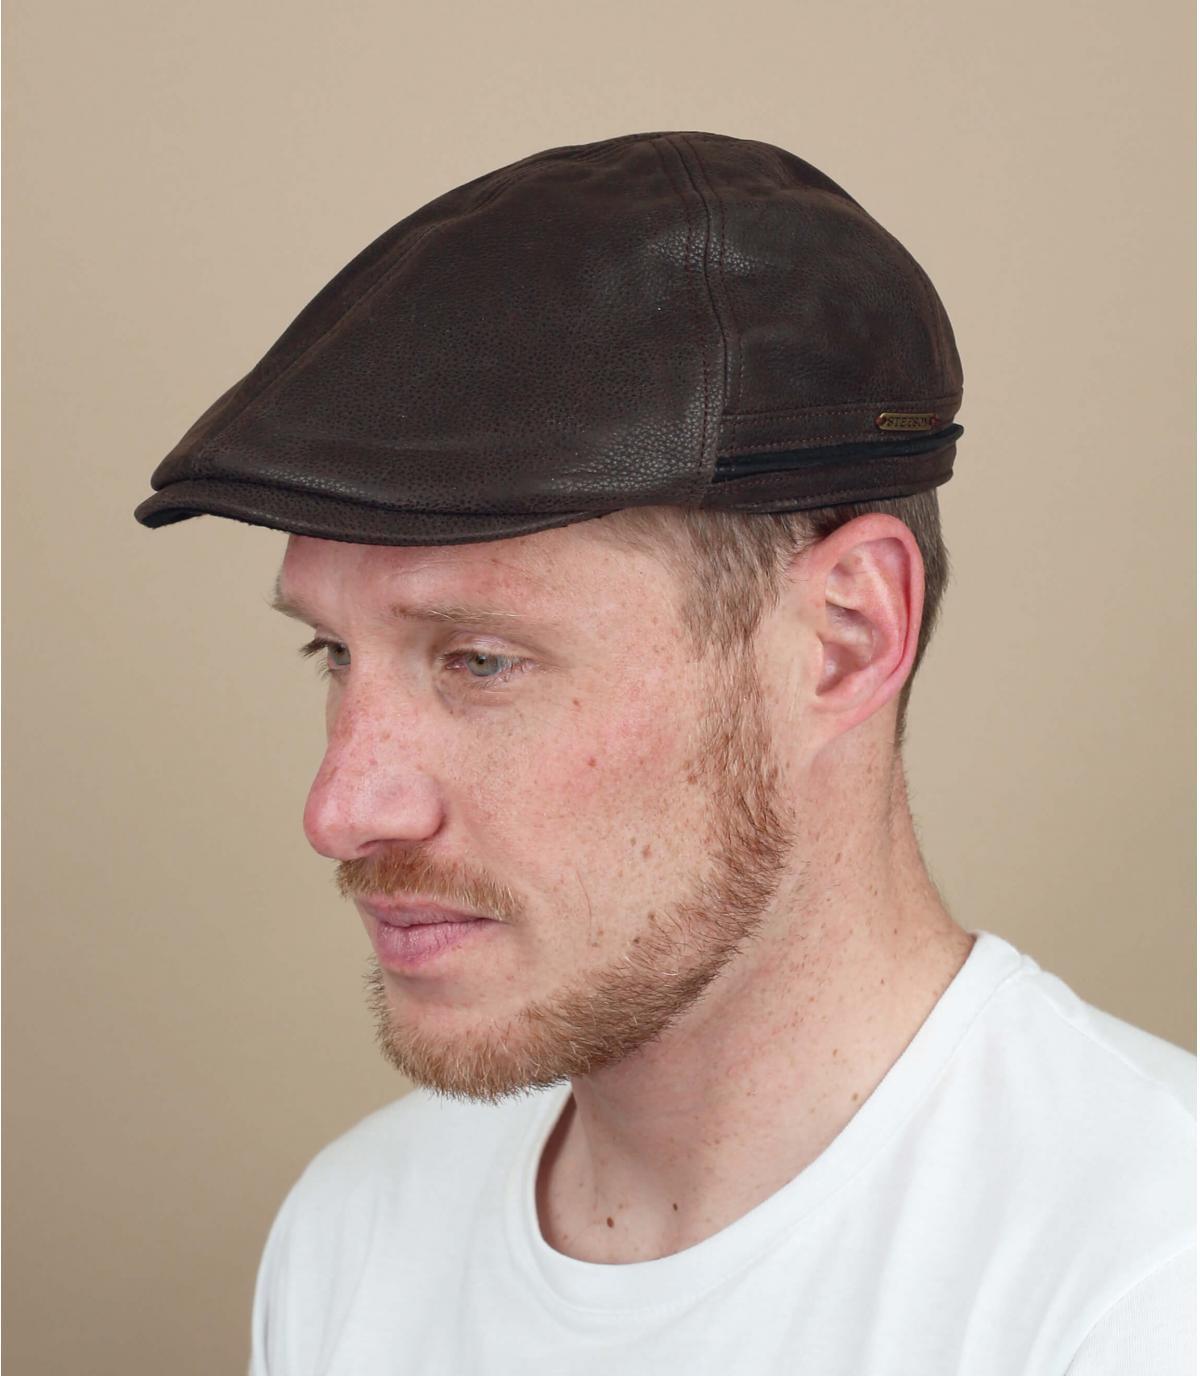 Cappellino piatto Stetson marrone